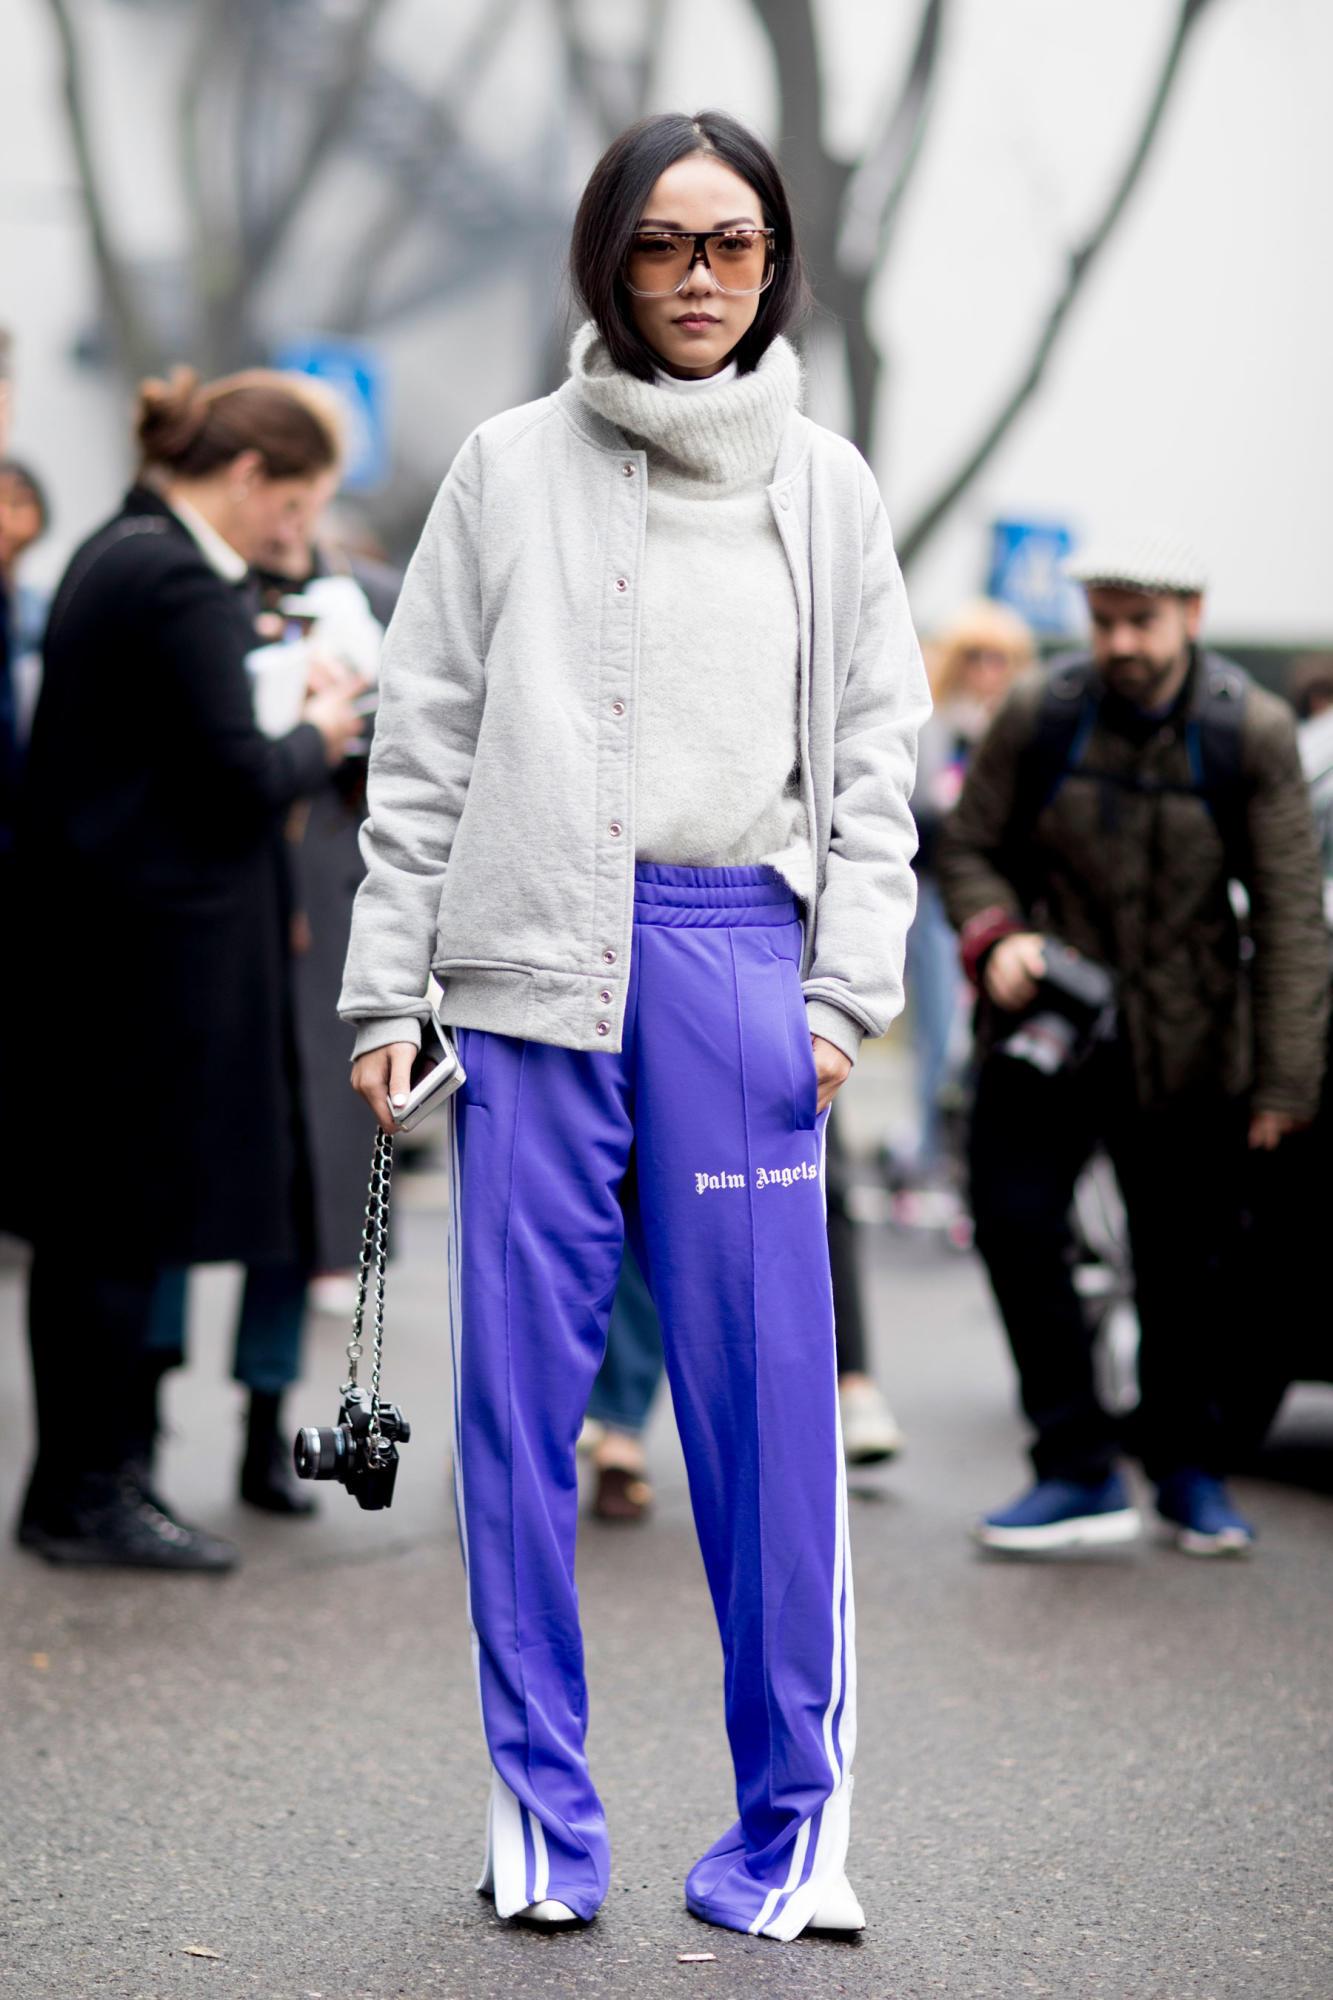 899a0d0e445e С чем носить фиолетовые брюки женщине? Модные луки (33 фото ...